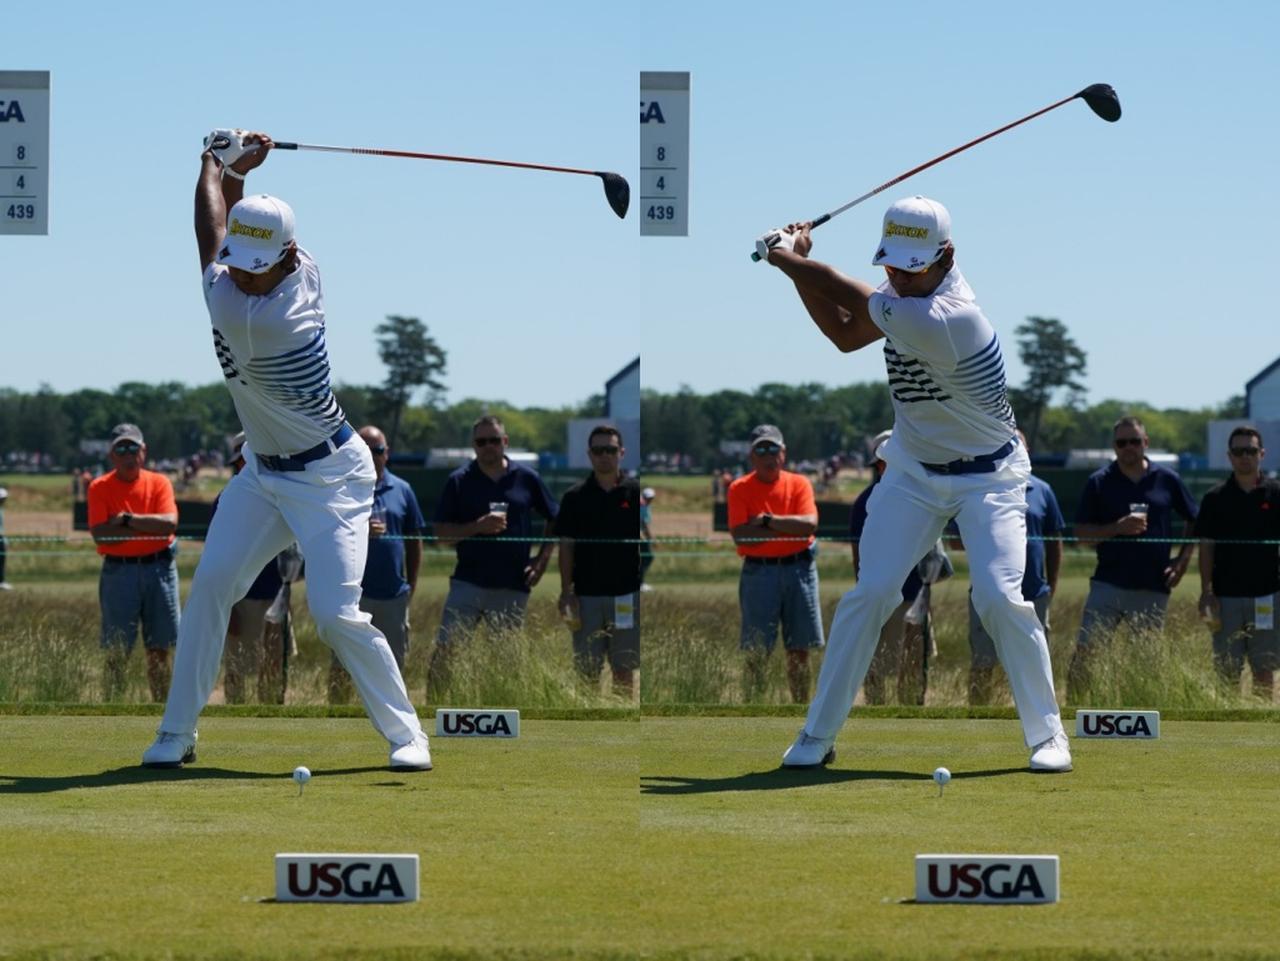 画像: 左足を踏み込むタイミングが地面反力を効率良く使うためのポイントとなる(写真は松山英樹のスウィング)